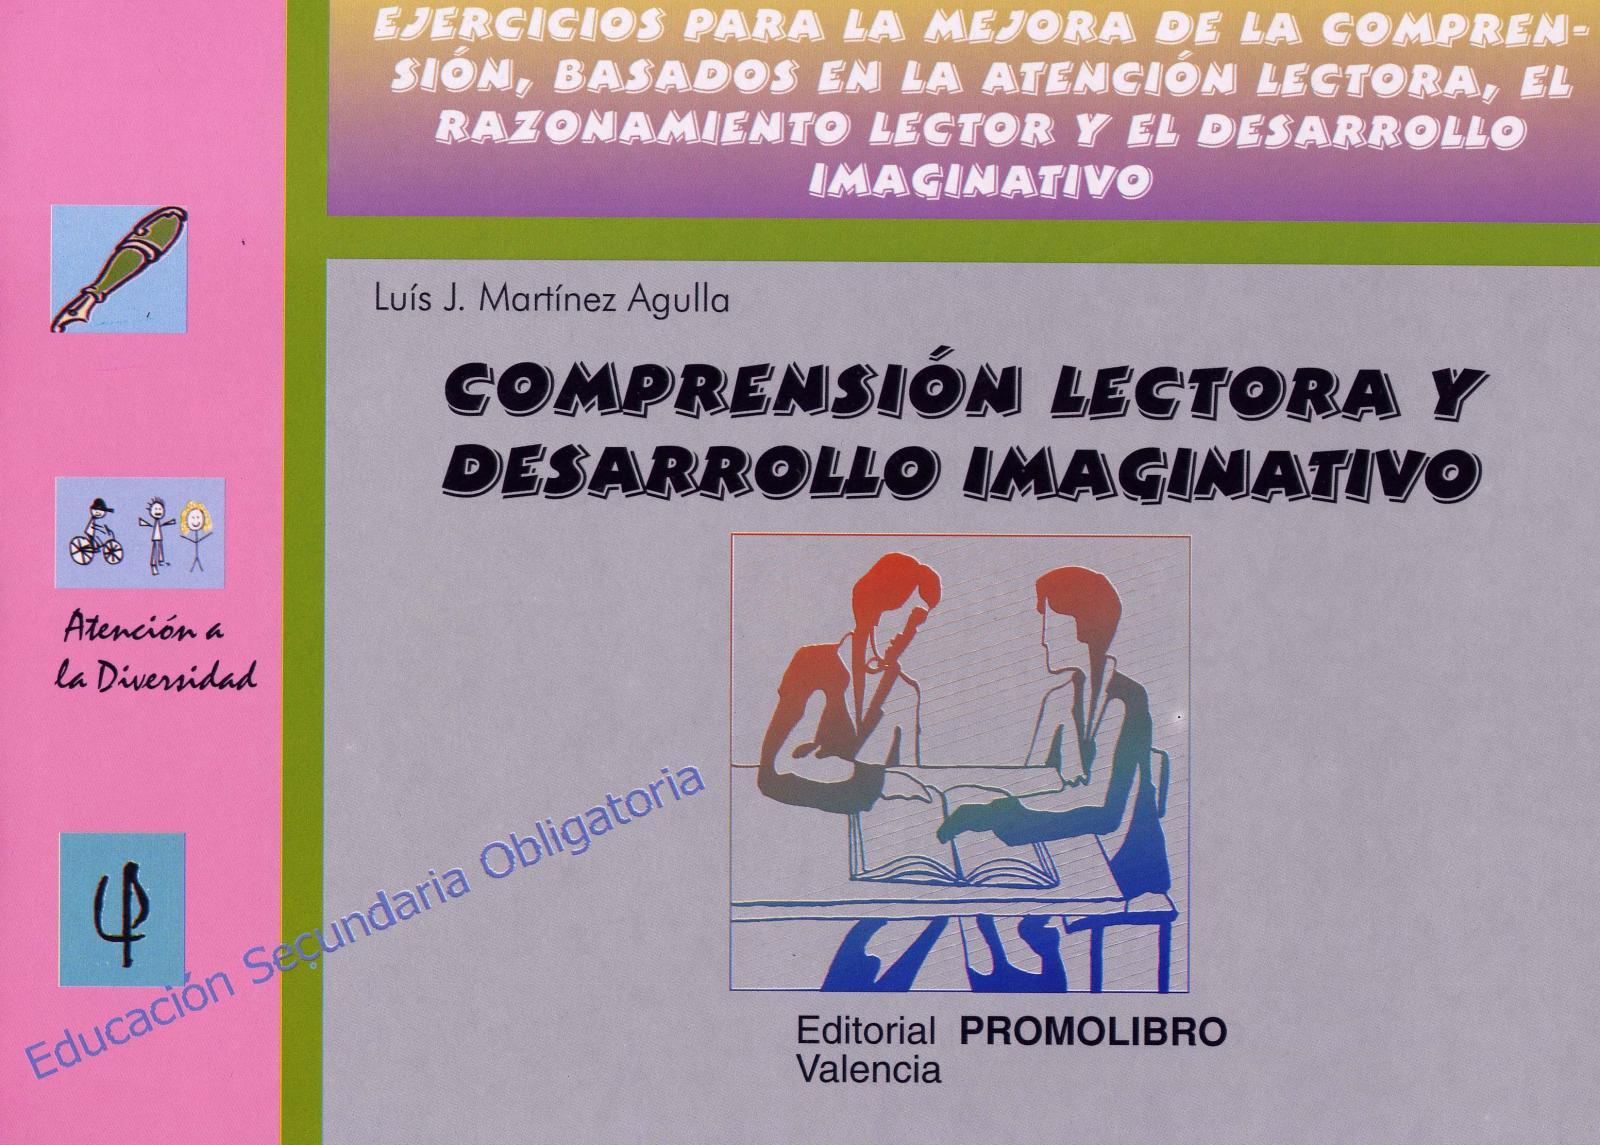 084.- COMPRENSIÓN LECTORA Y DESARROLLO IMAGINATIVO. Ejercicios para la mejora de la comprensión, basados en la atención lectora, el razonamiento lector y el desarrollo imaginativo.